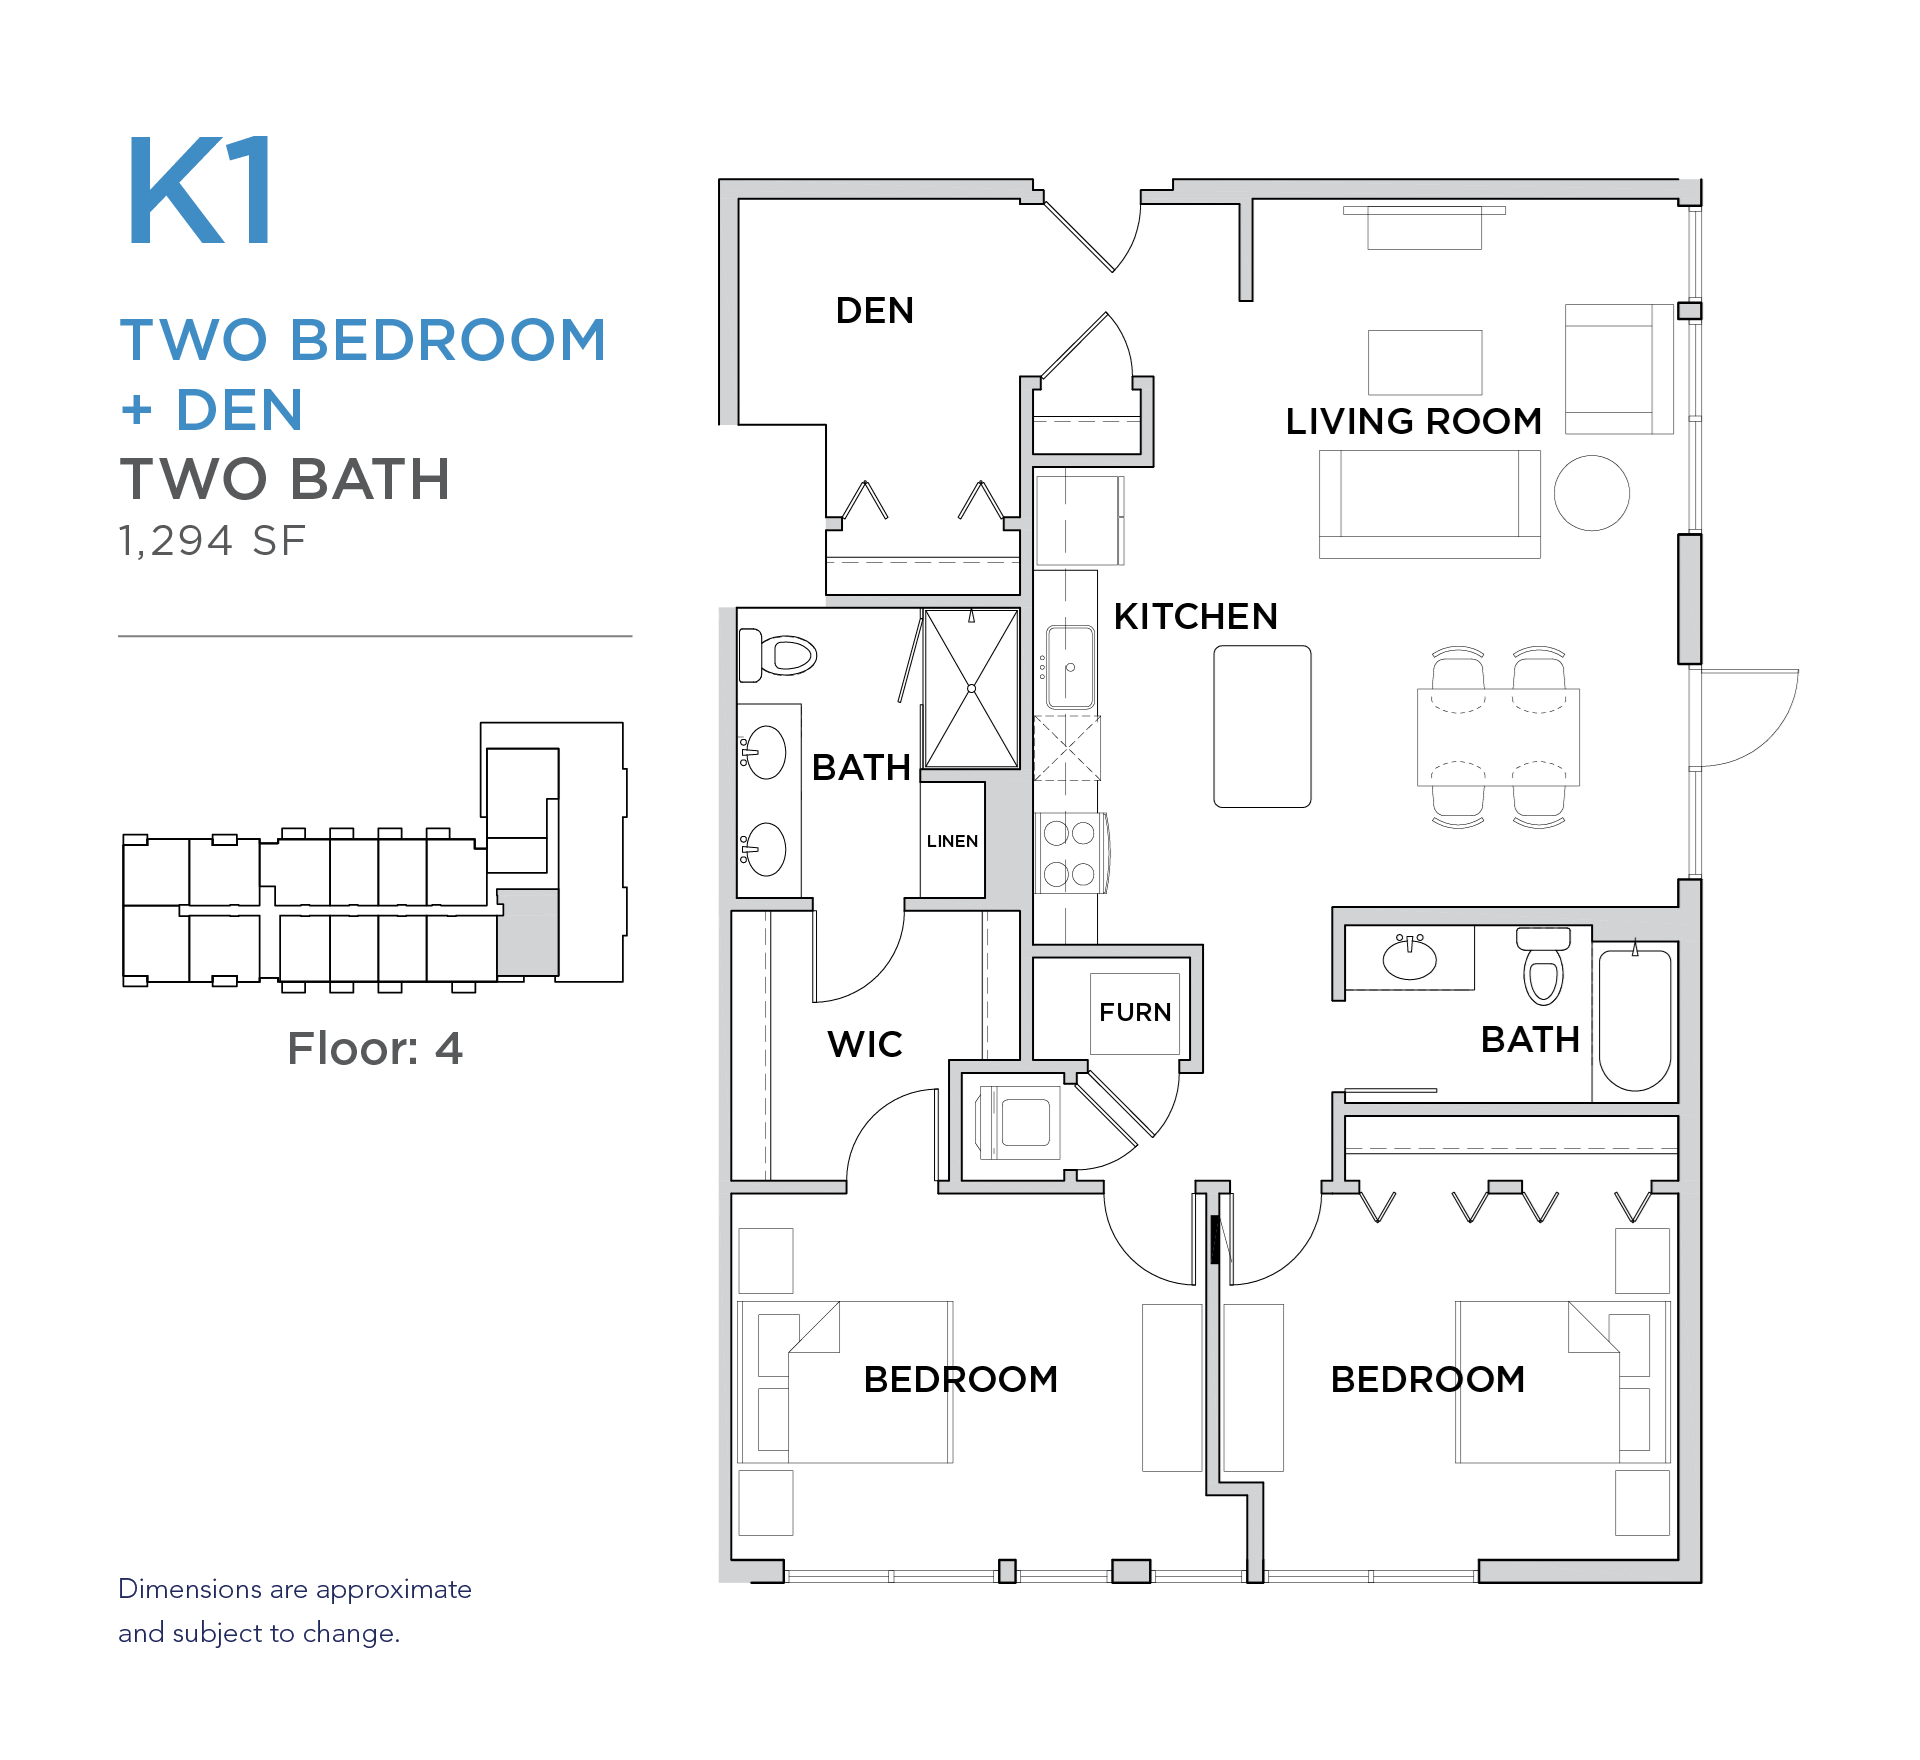 101 West 2 bed 2 bath plus den 1,294 square foot apartment floor plan